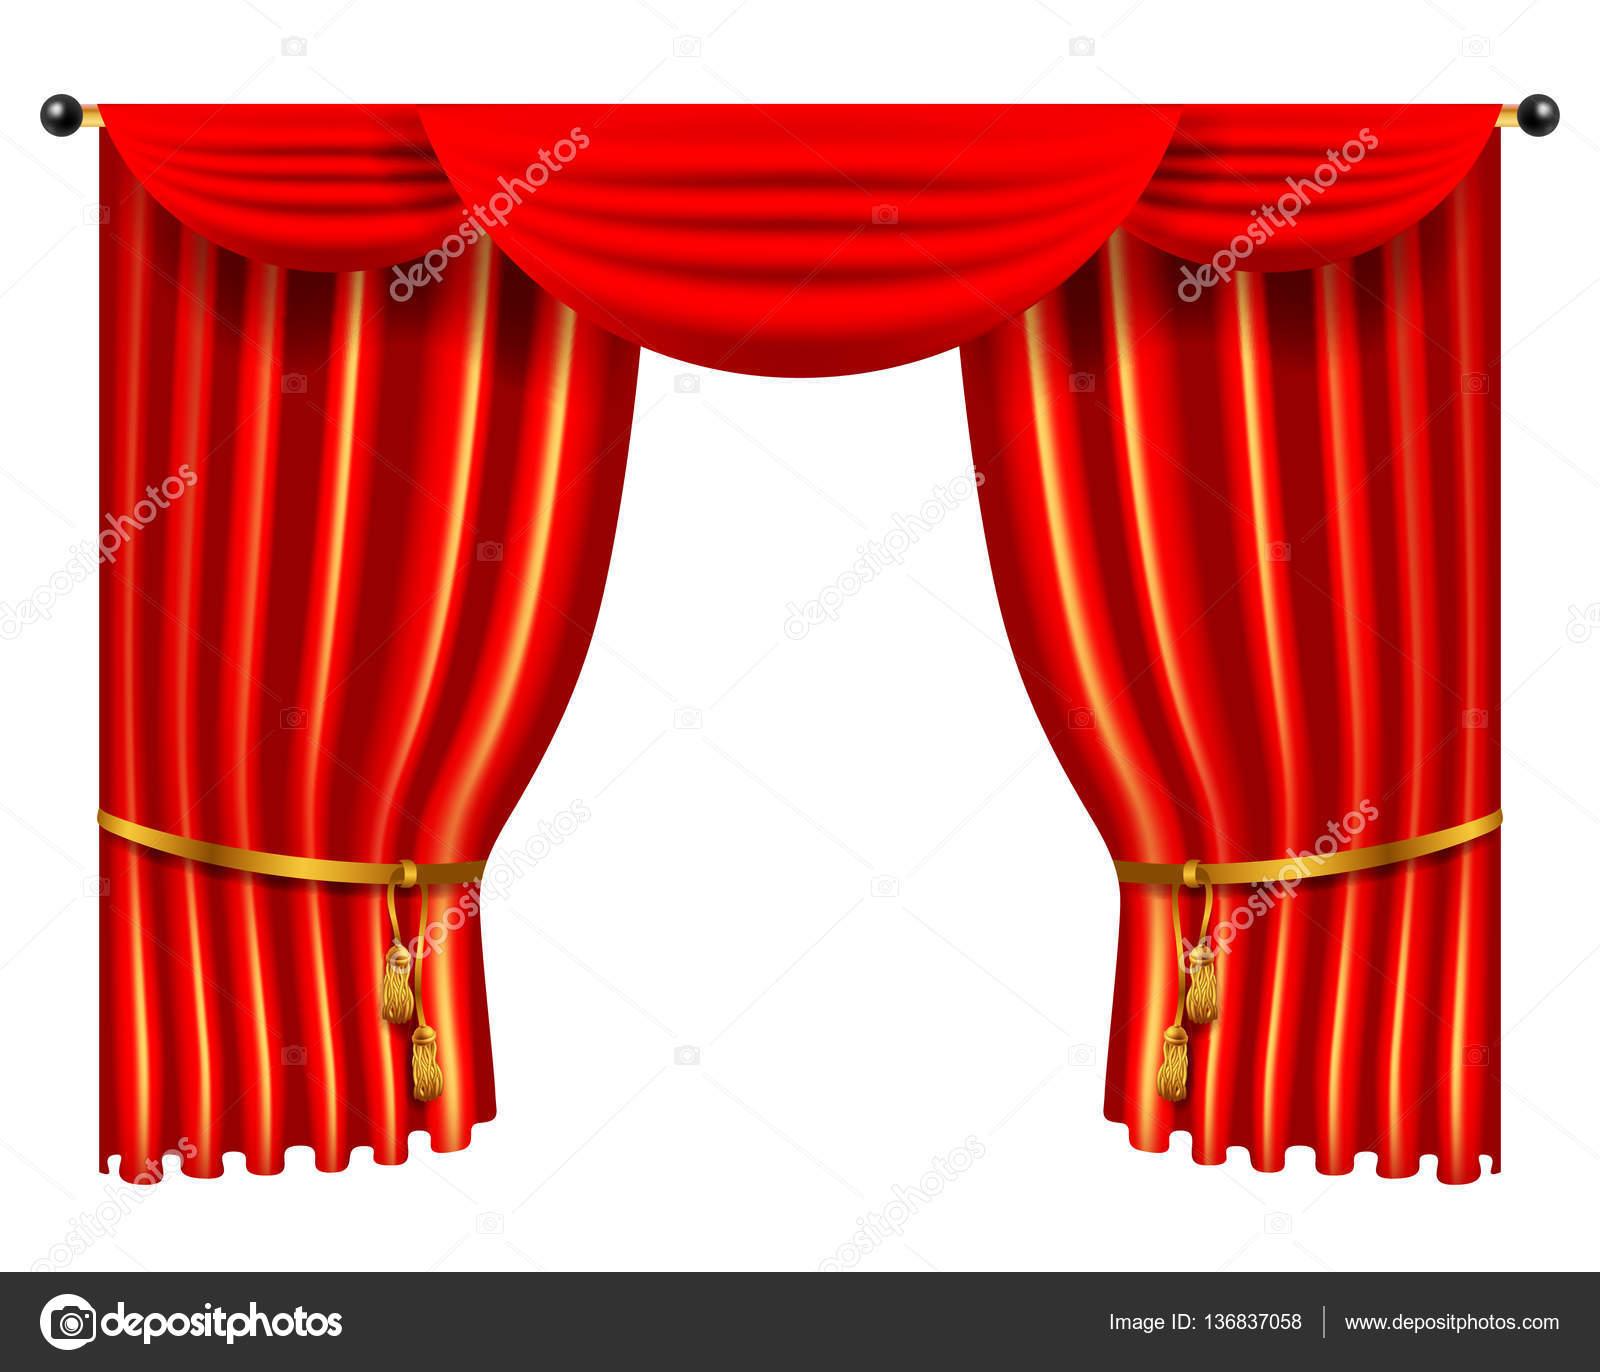 https://st3.depositphotos.com/1325784/13683/v/1600/depositphotos_136837058-stockillustratie-3d-rood-luxe-zijden-gordijn.jpg